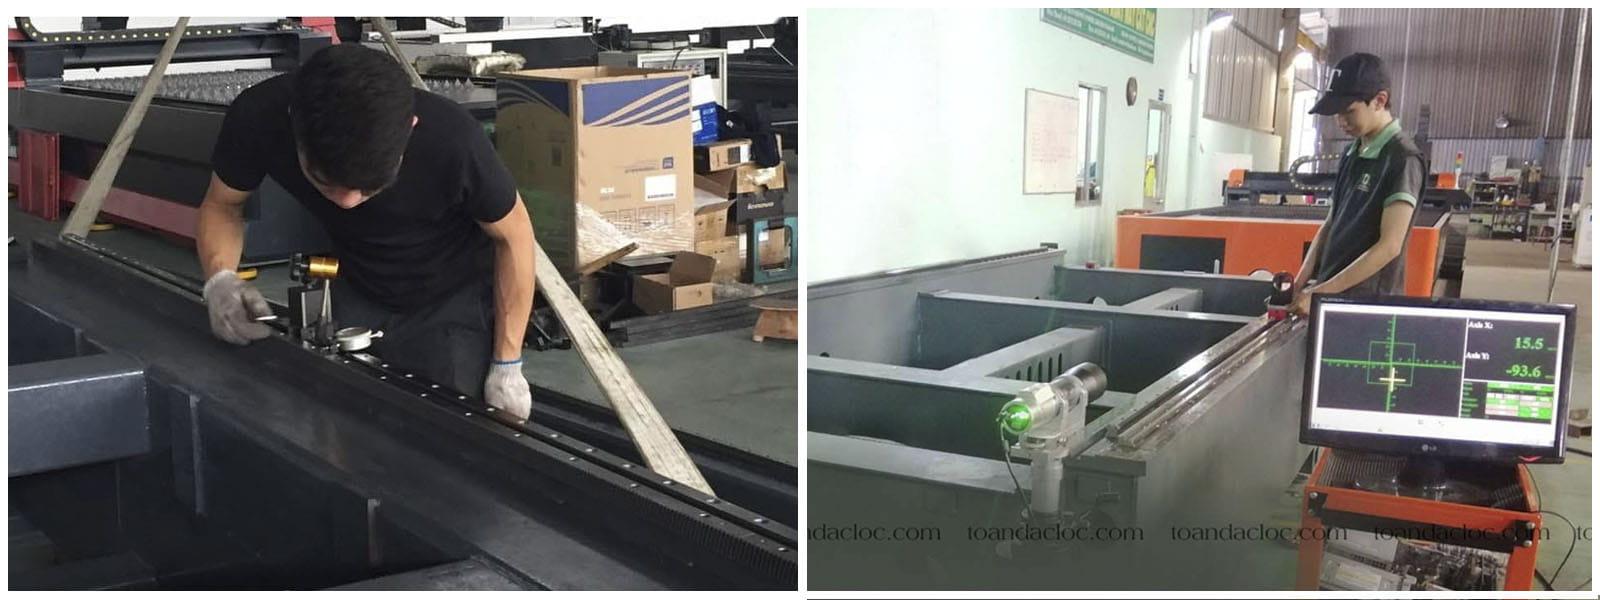 Lắp thanh răng và thanh trượt cho máy Laser